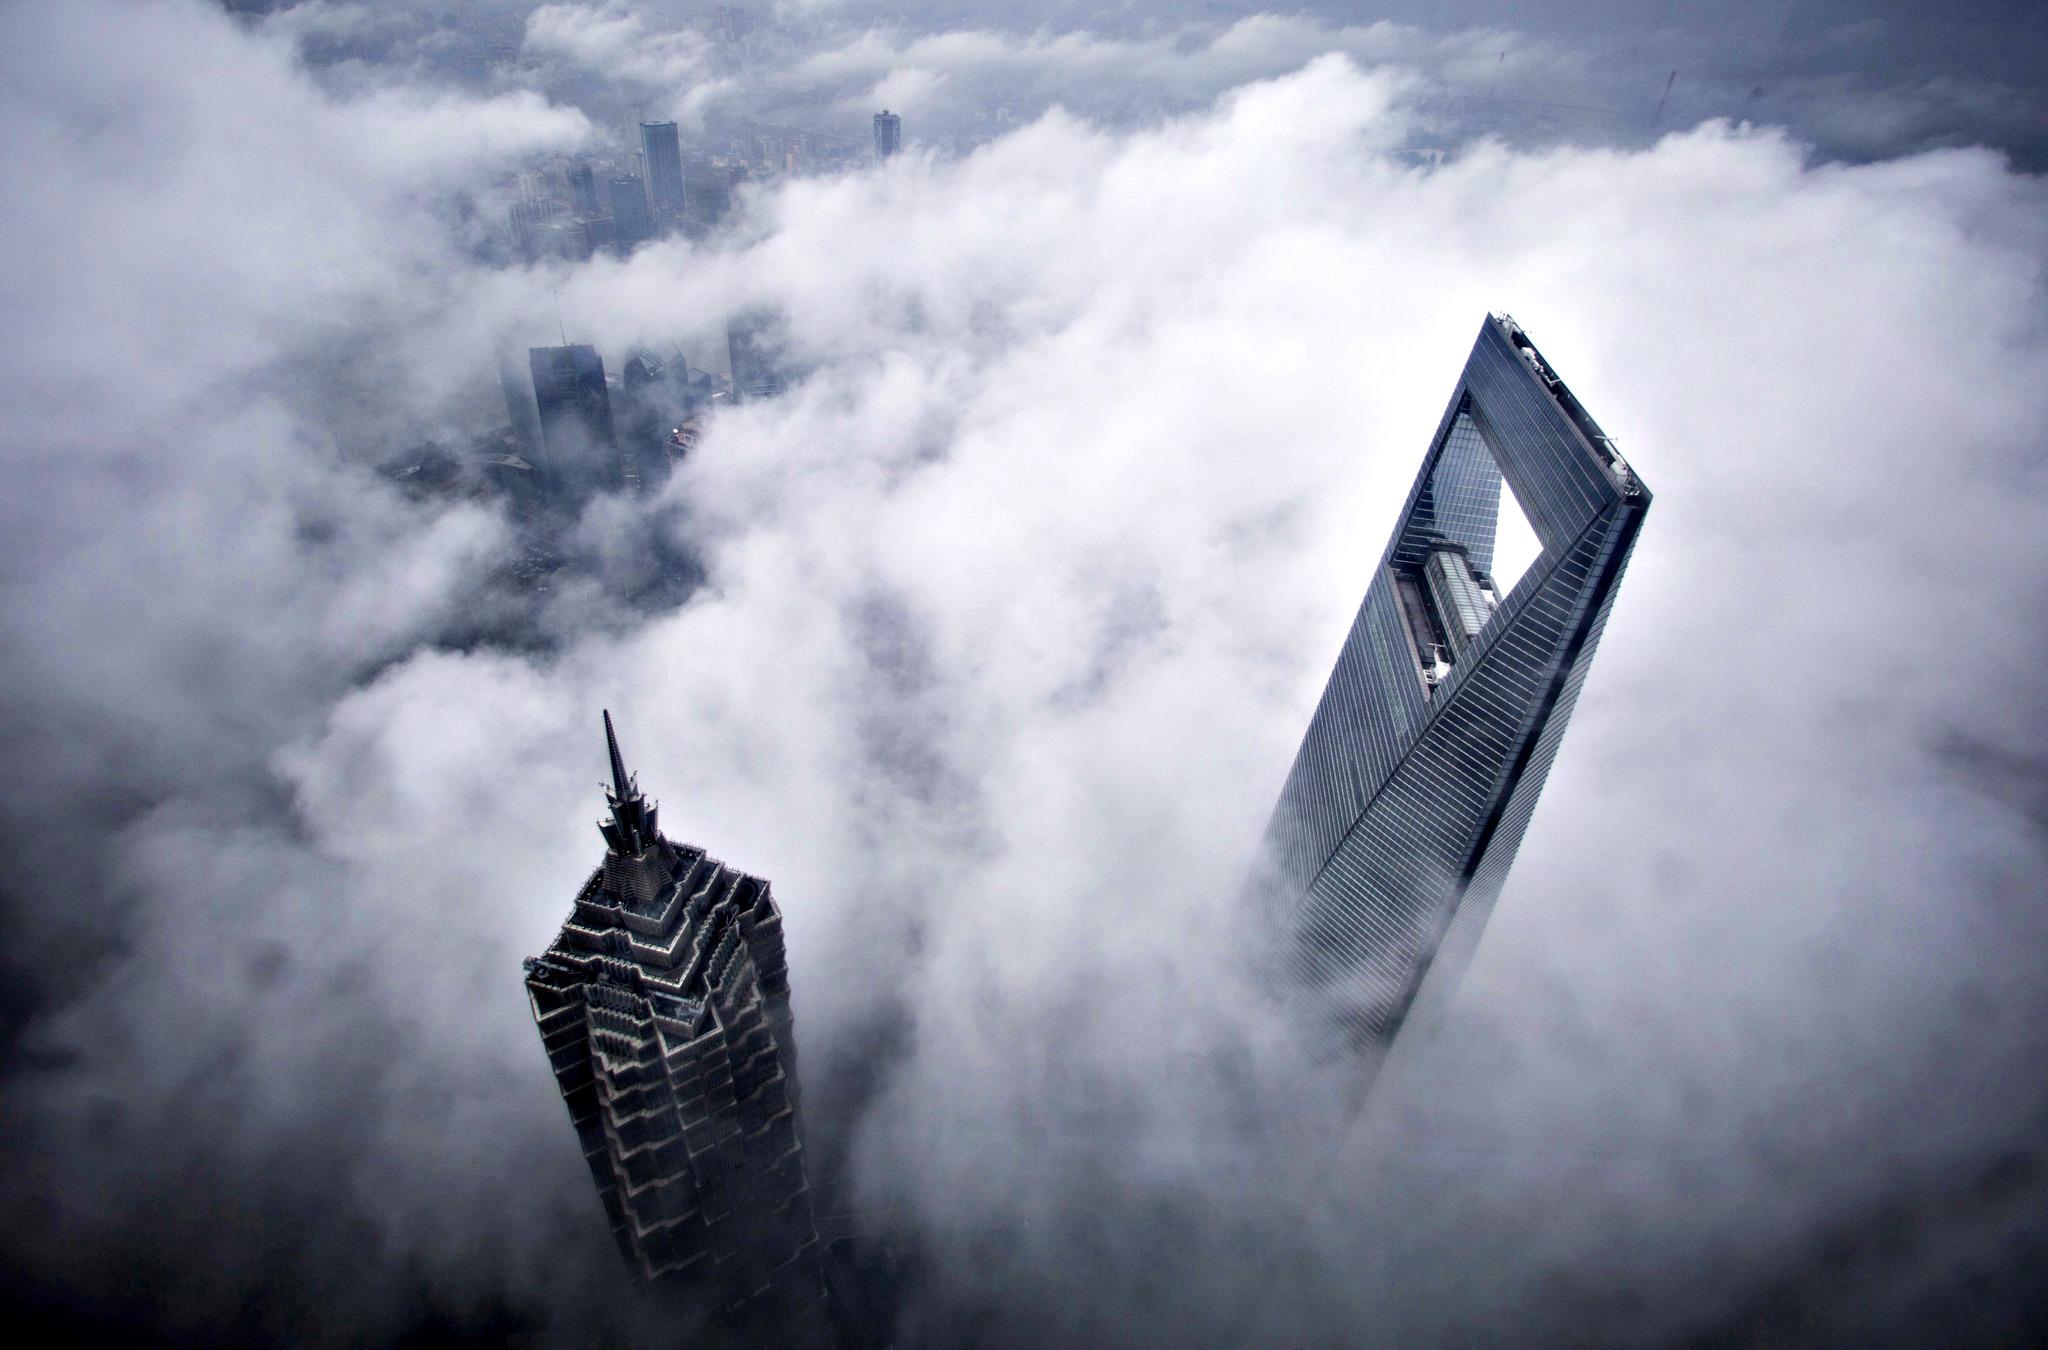 Мировой финансовый центр и башня Цзинь Мао во время сильного дождя, Шанхай